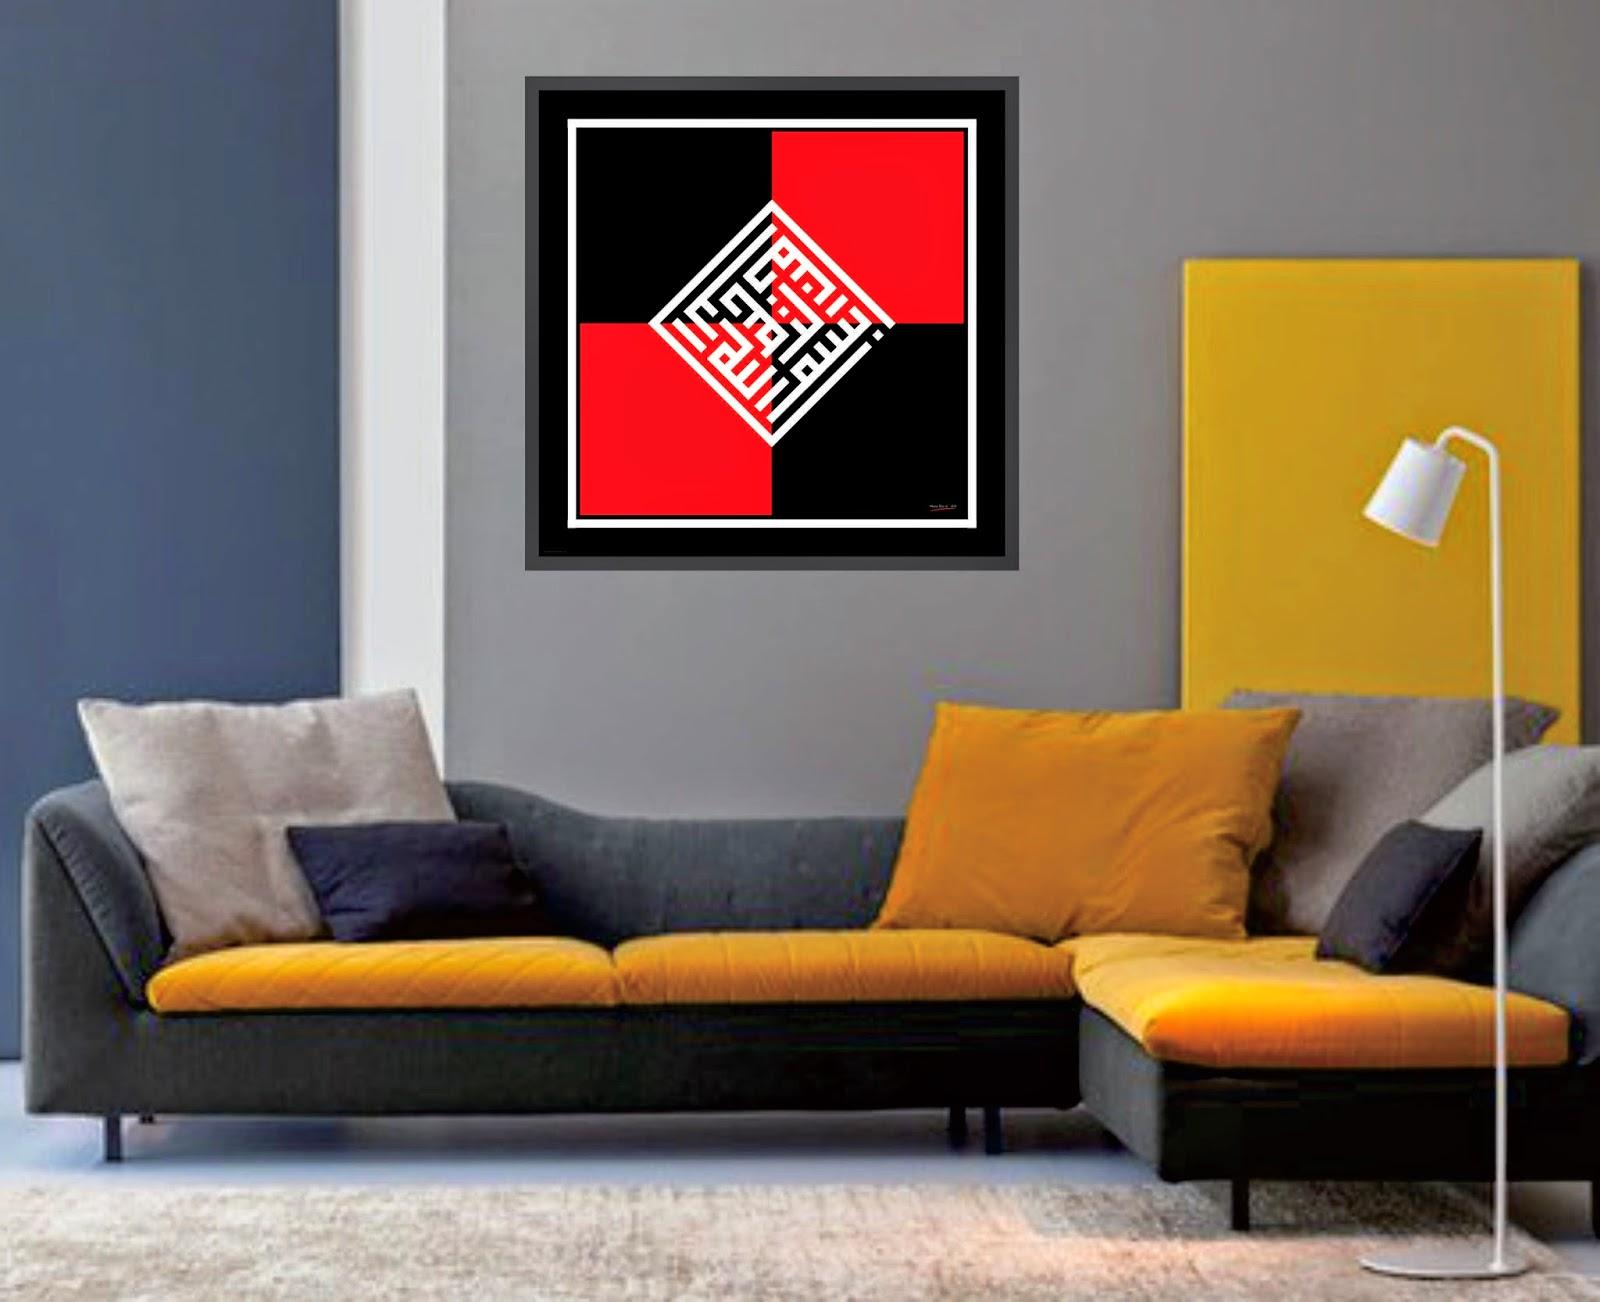 View In Gallery Hiasan Dinding Ruang Tamu Kecil Dengan Seni Kufi